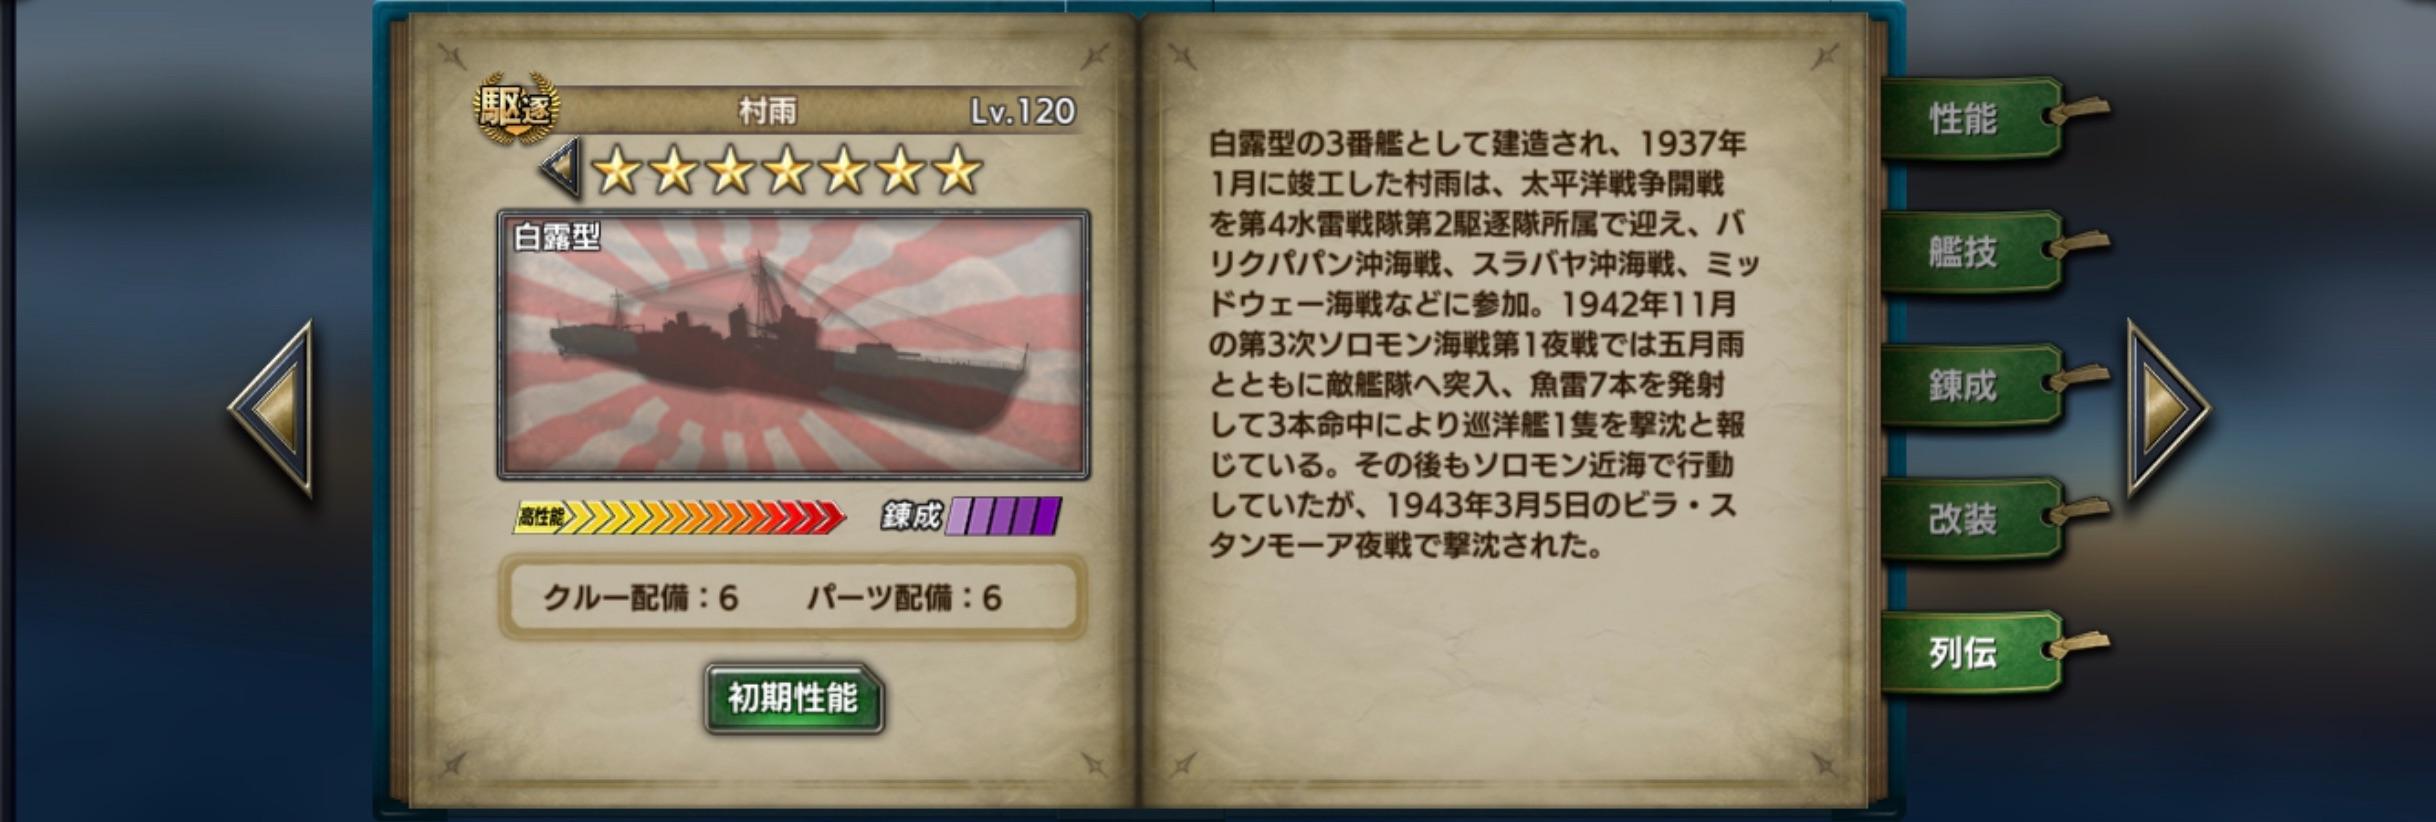 Murasame-history